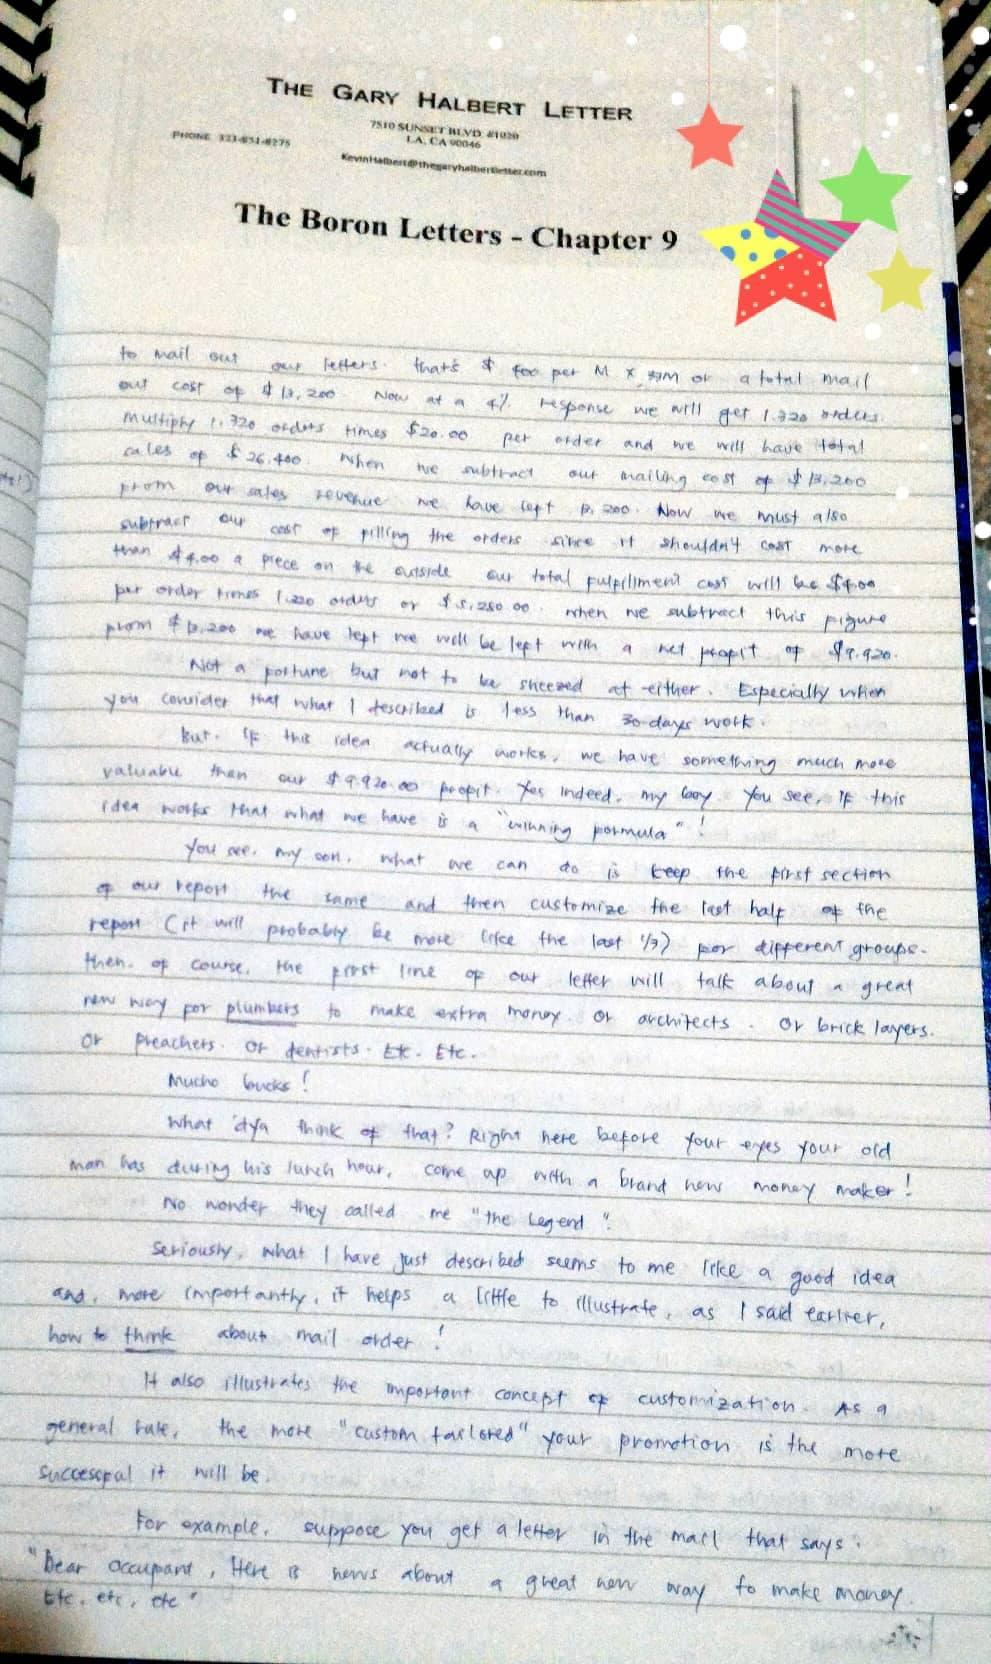 katemagat-copywriter-boron9